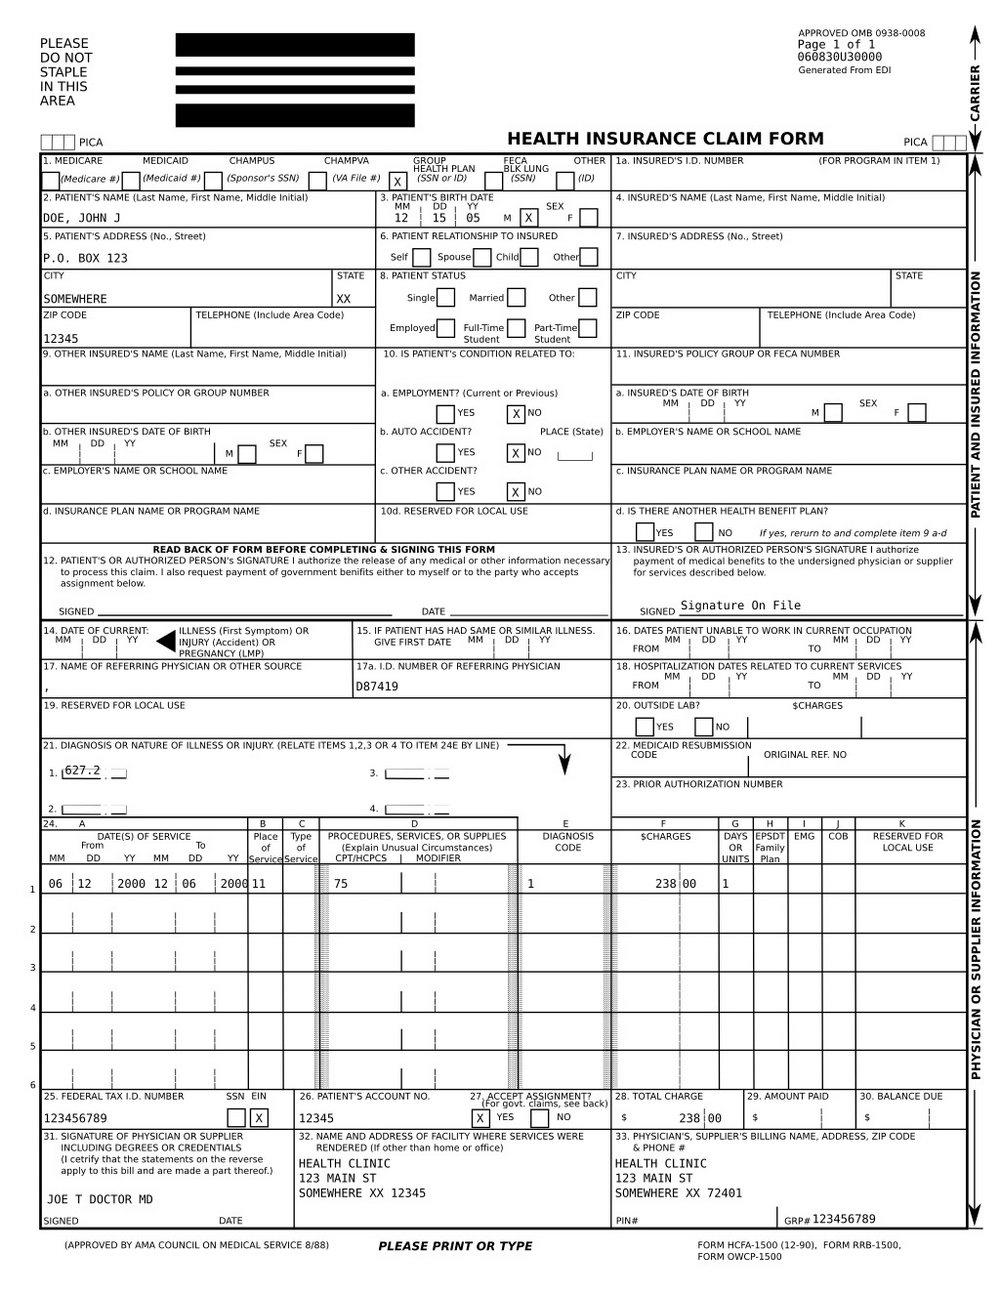 Nucc Org 1500 Claim Form